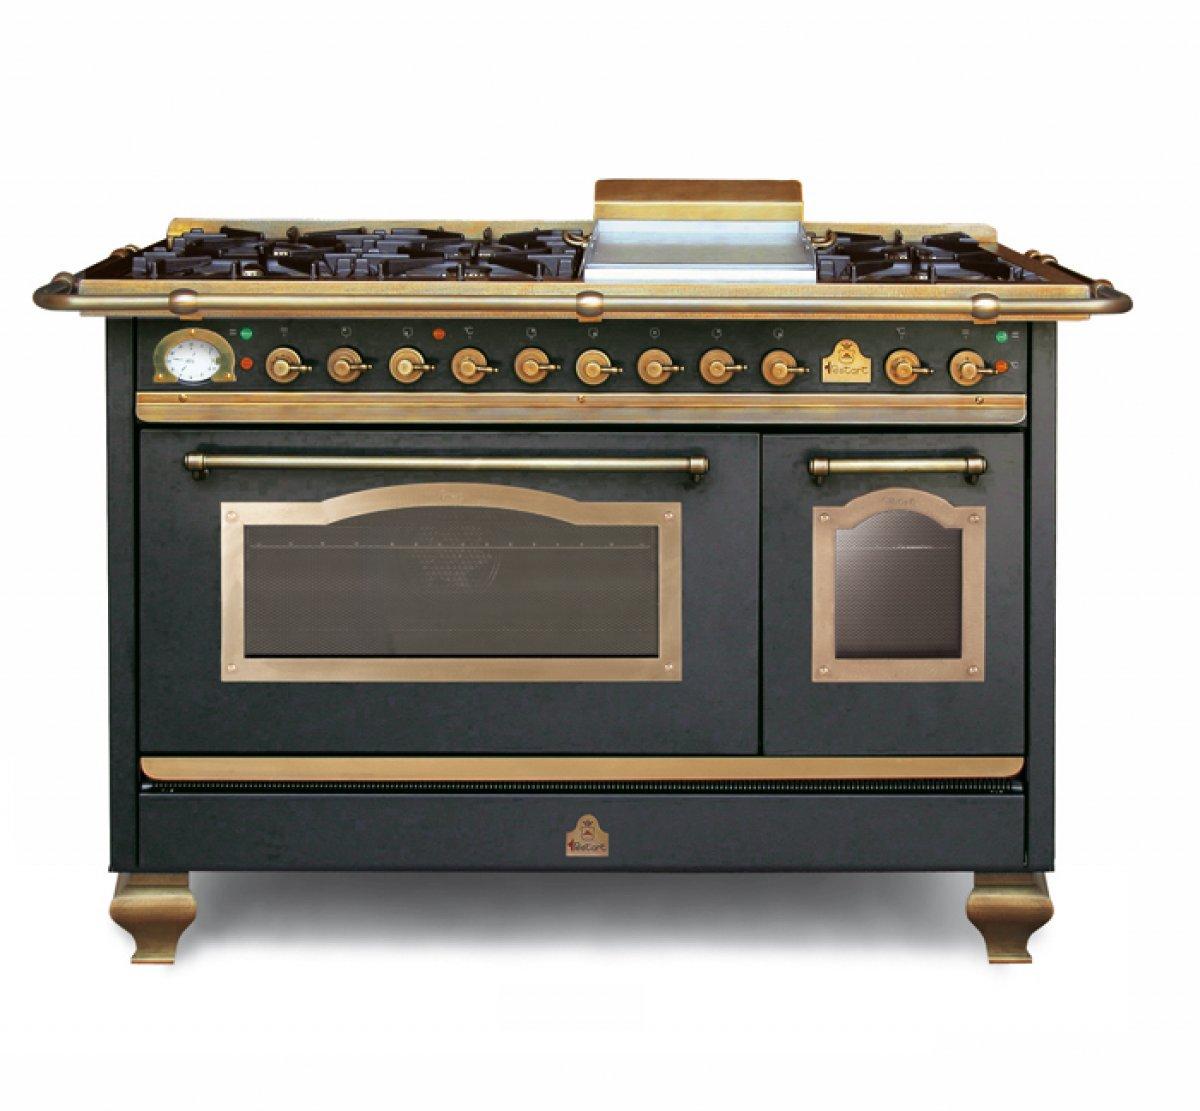 Come scegliere il forno per la cucina consigli ed esempi designandmore arredare casa - Forno a legna cucina moderna ...